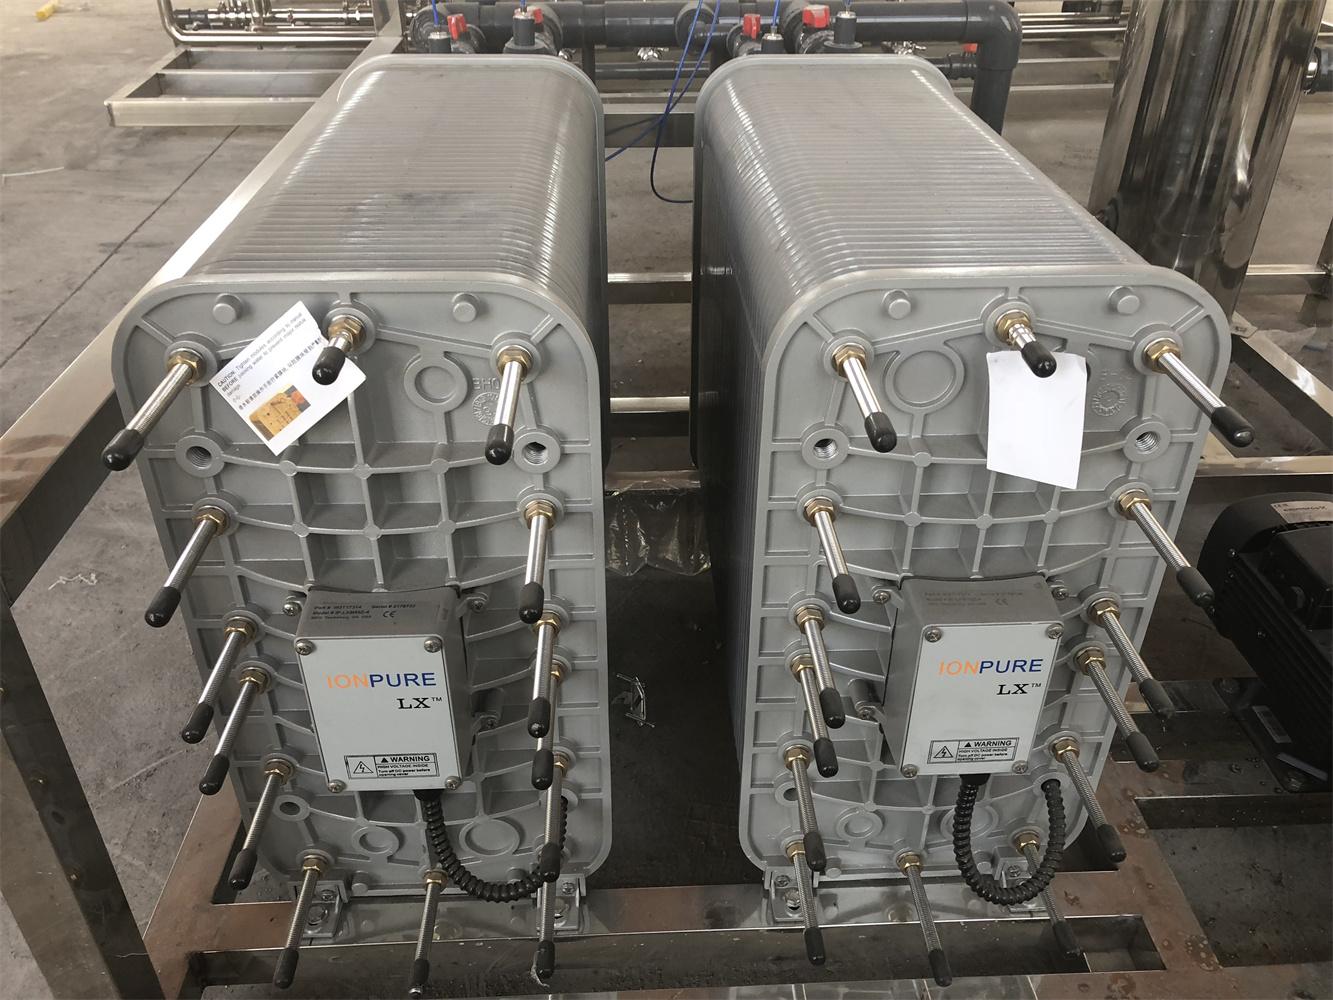 反渗透水设备厂家,电厂化水反渗透设备,反渗透水设备生产厂家,工业反渗透水设备,反渗透水设备哪家好,水处理成套反渗透设备哪家好